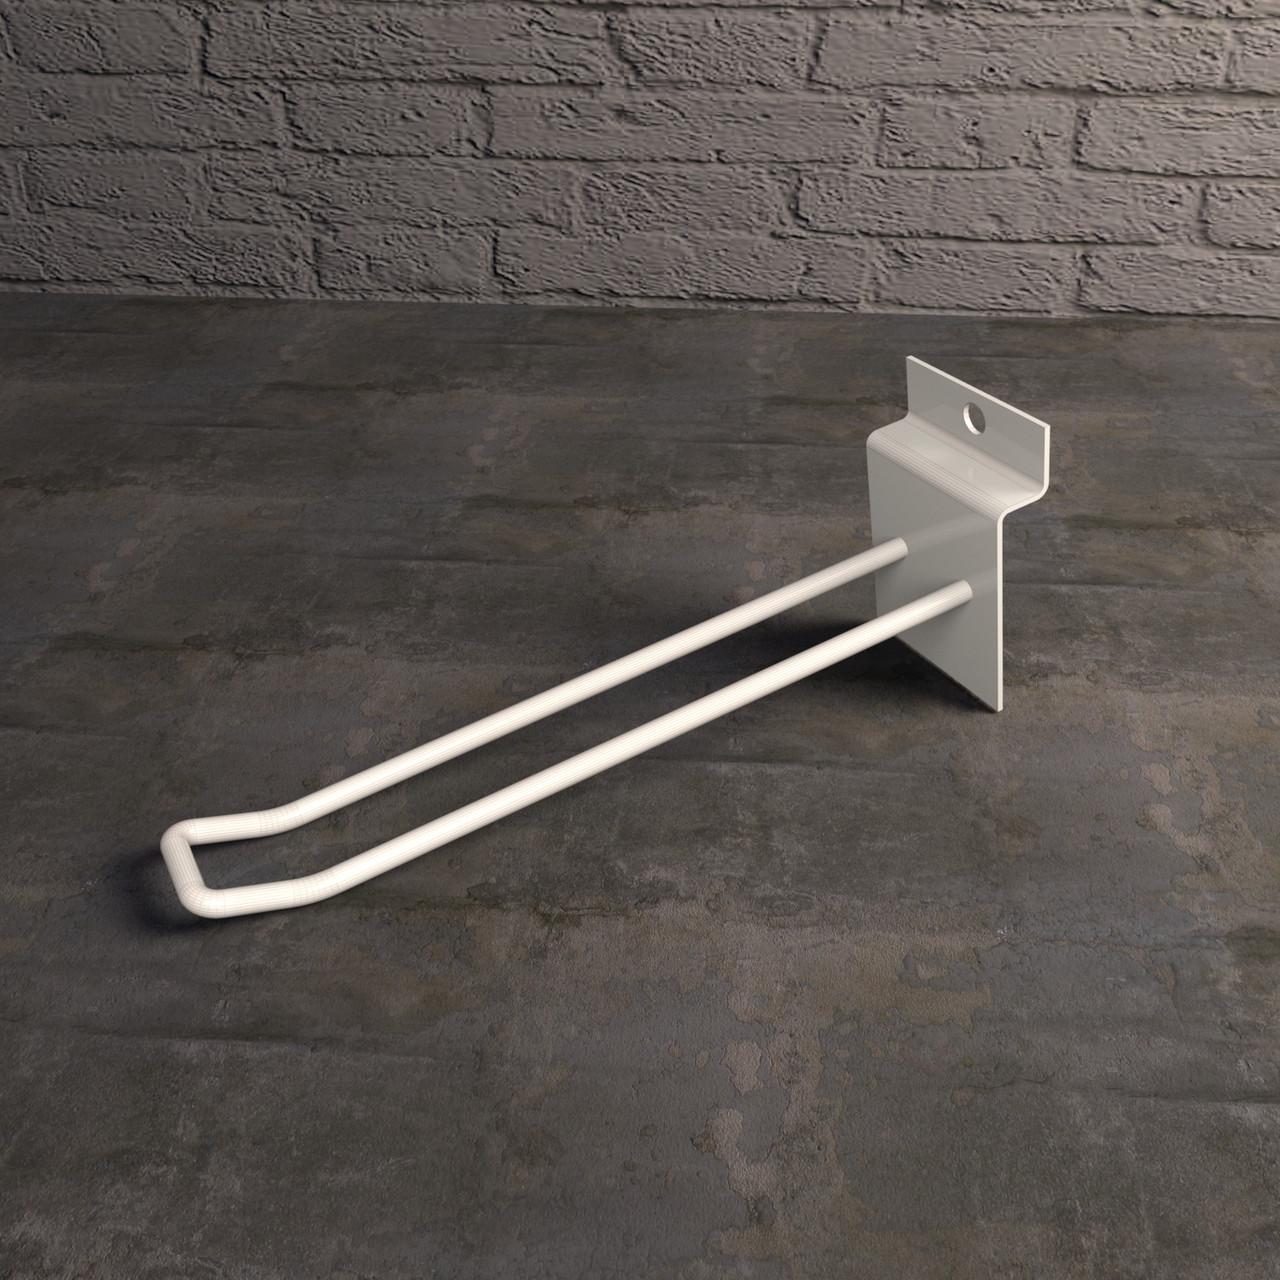 Крючки для экономпанелей | двухполосный белый 150 мм